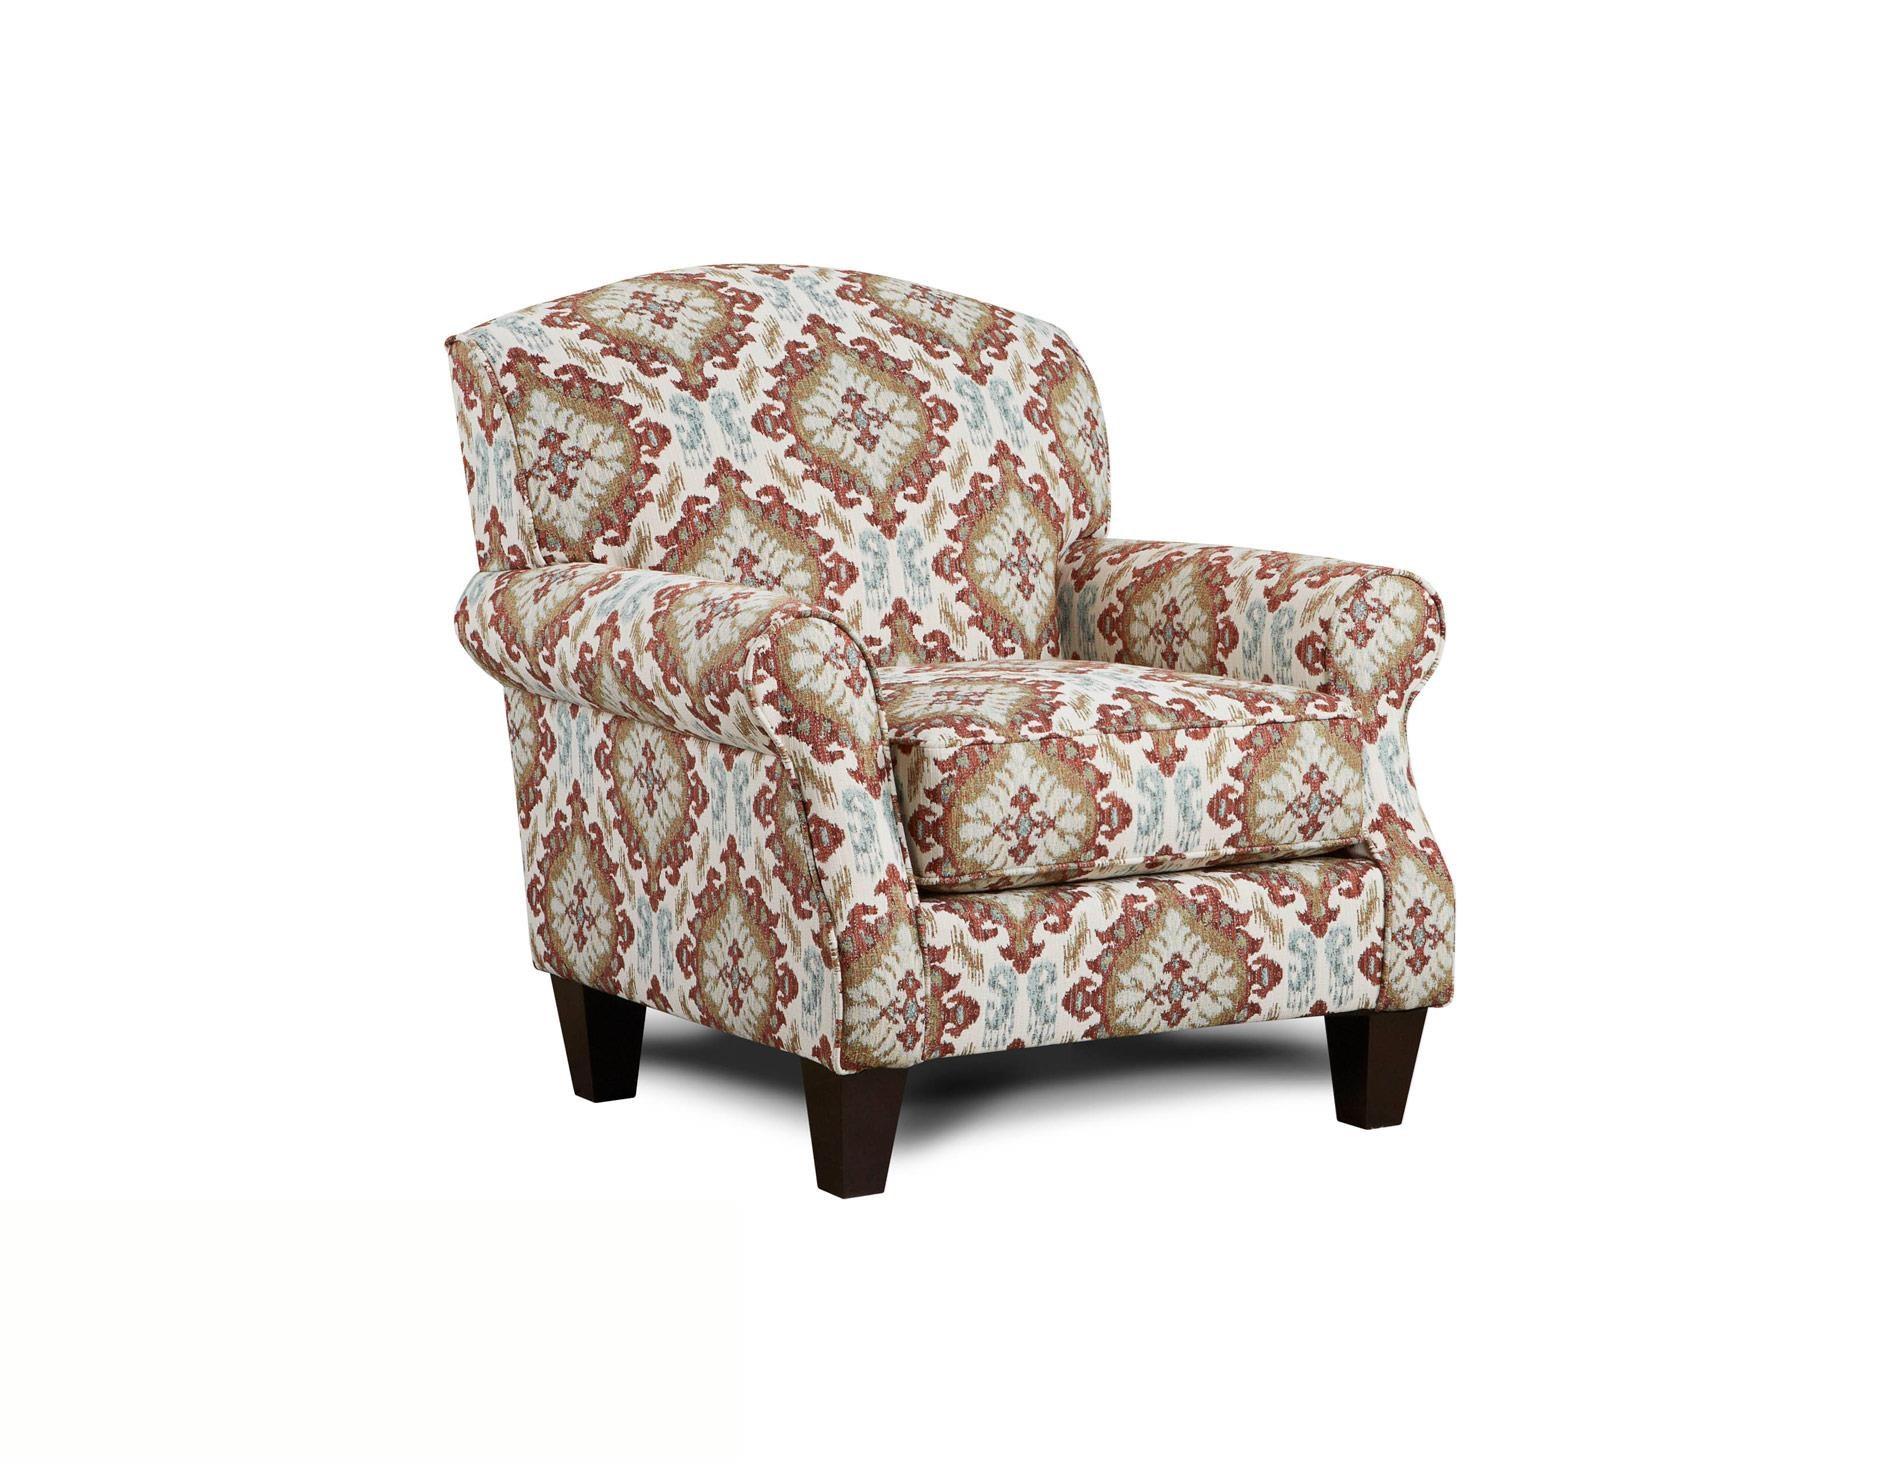 Fusion Furniture Quinn TwilightSamara Citrus Accent Chair